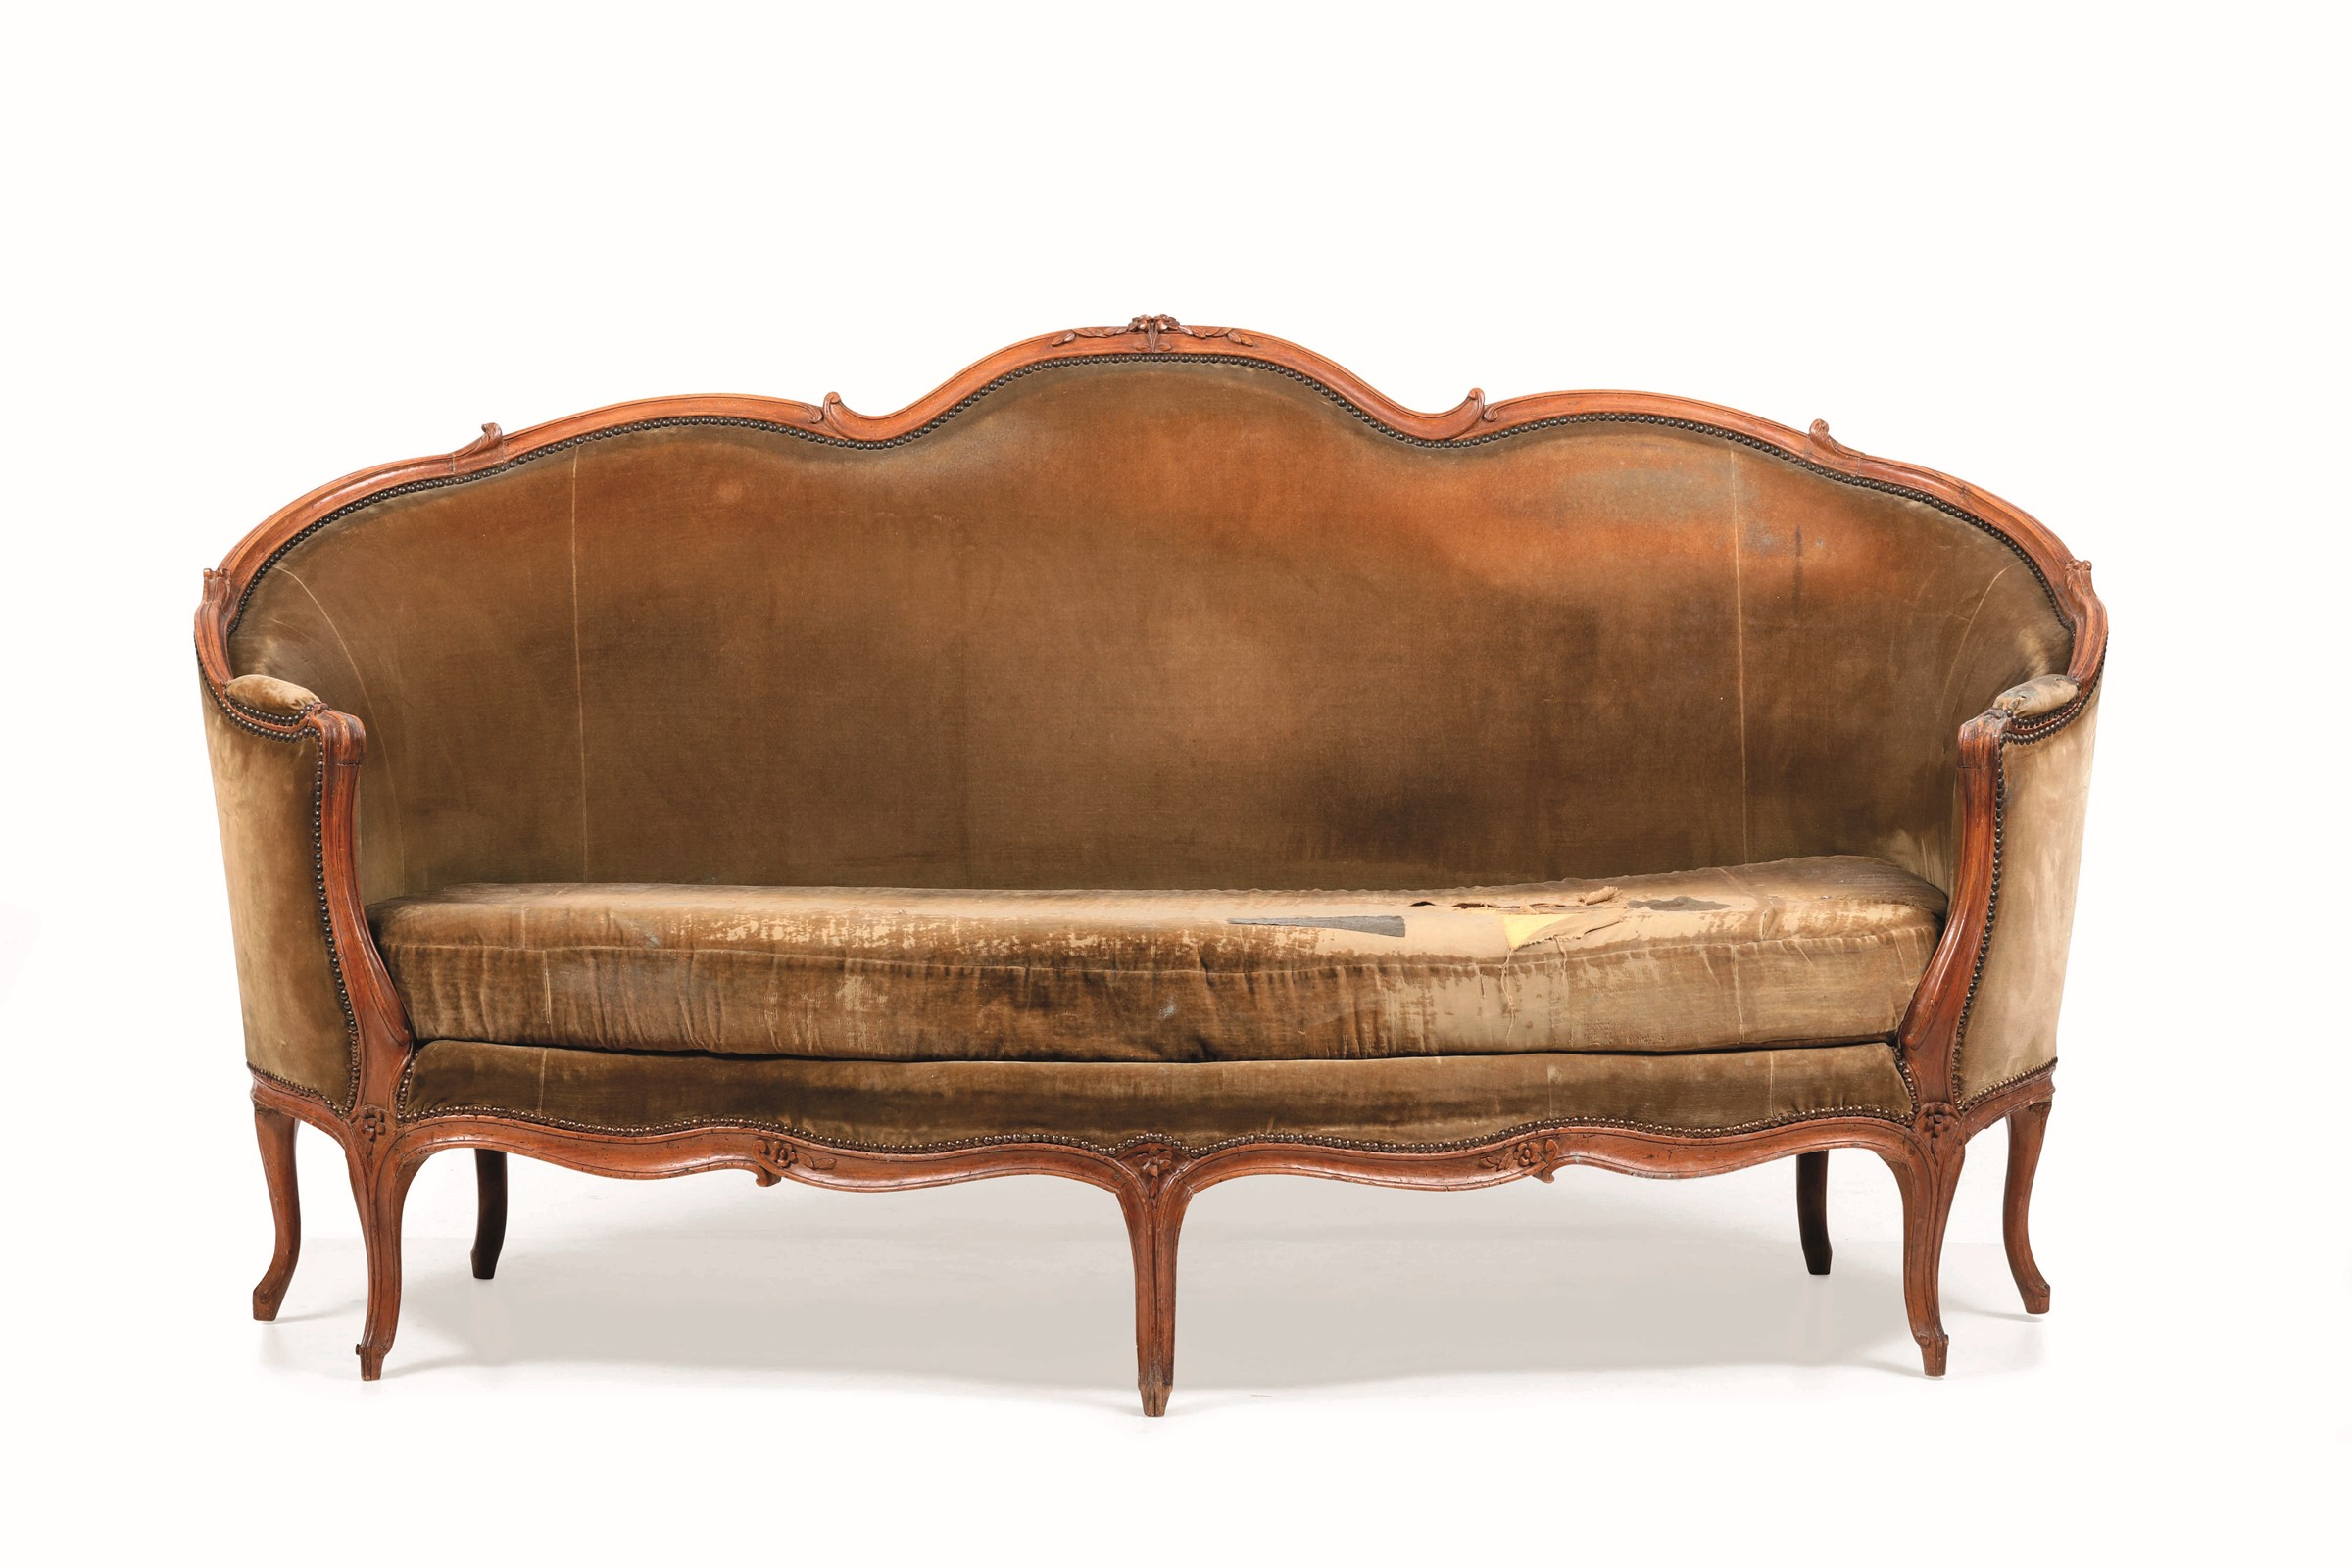 Lot 139 - Divano Luigi XV a corbeille in legno intagliato, Francia XVIII secolo, - schienale [...]